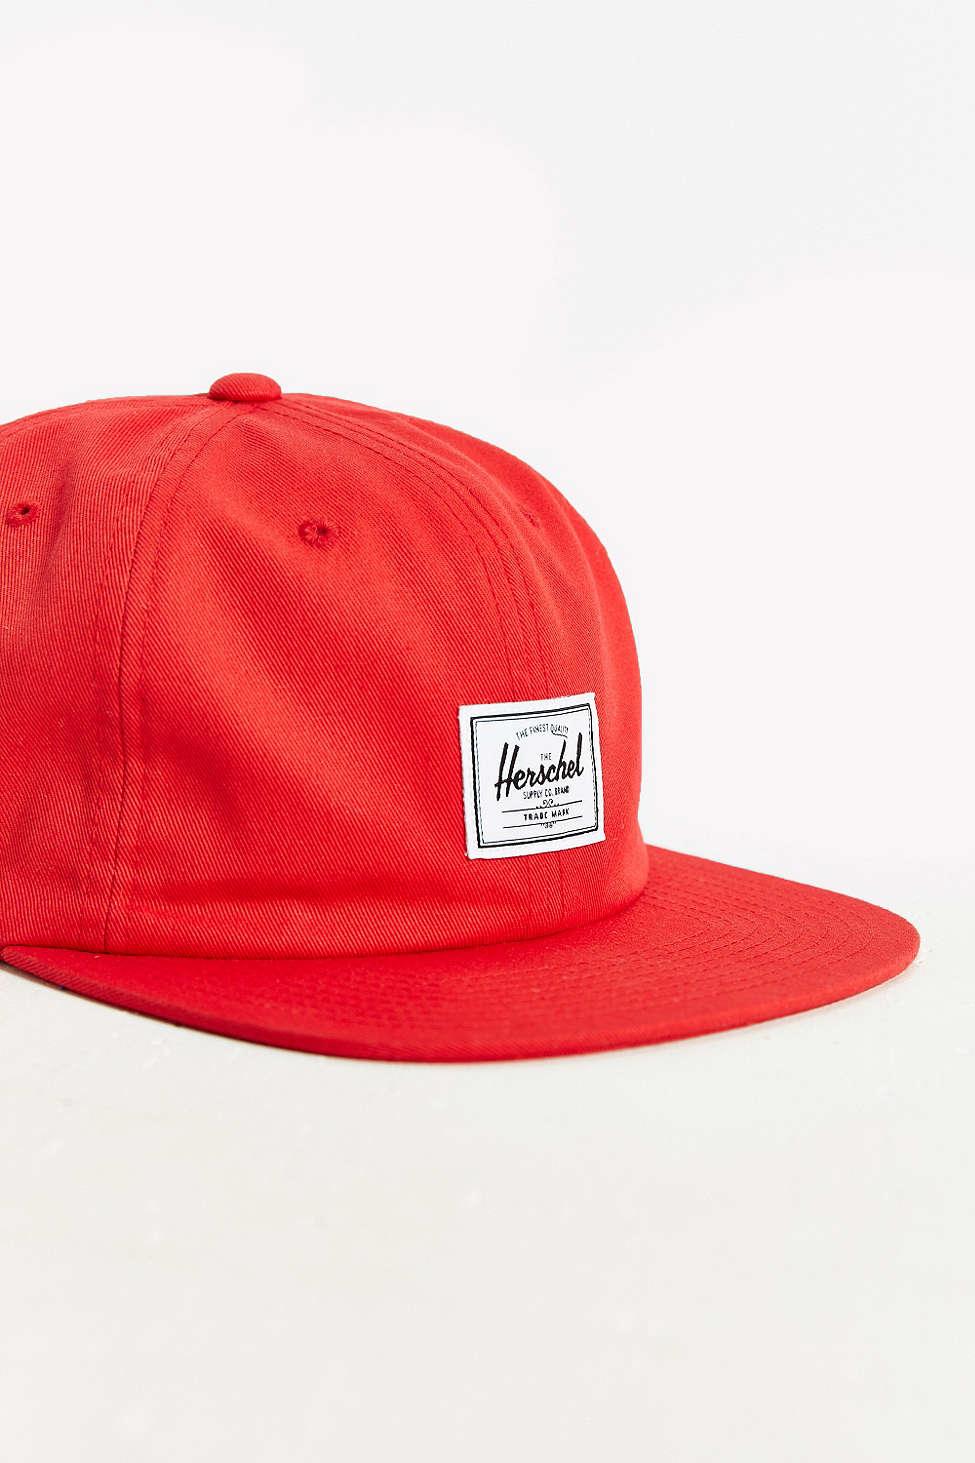 19719a71909 Lyst - Herschel Supply Co. Albert Strapback Hat in Red for Men